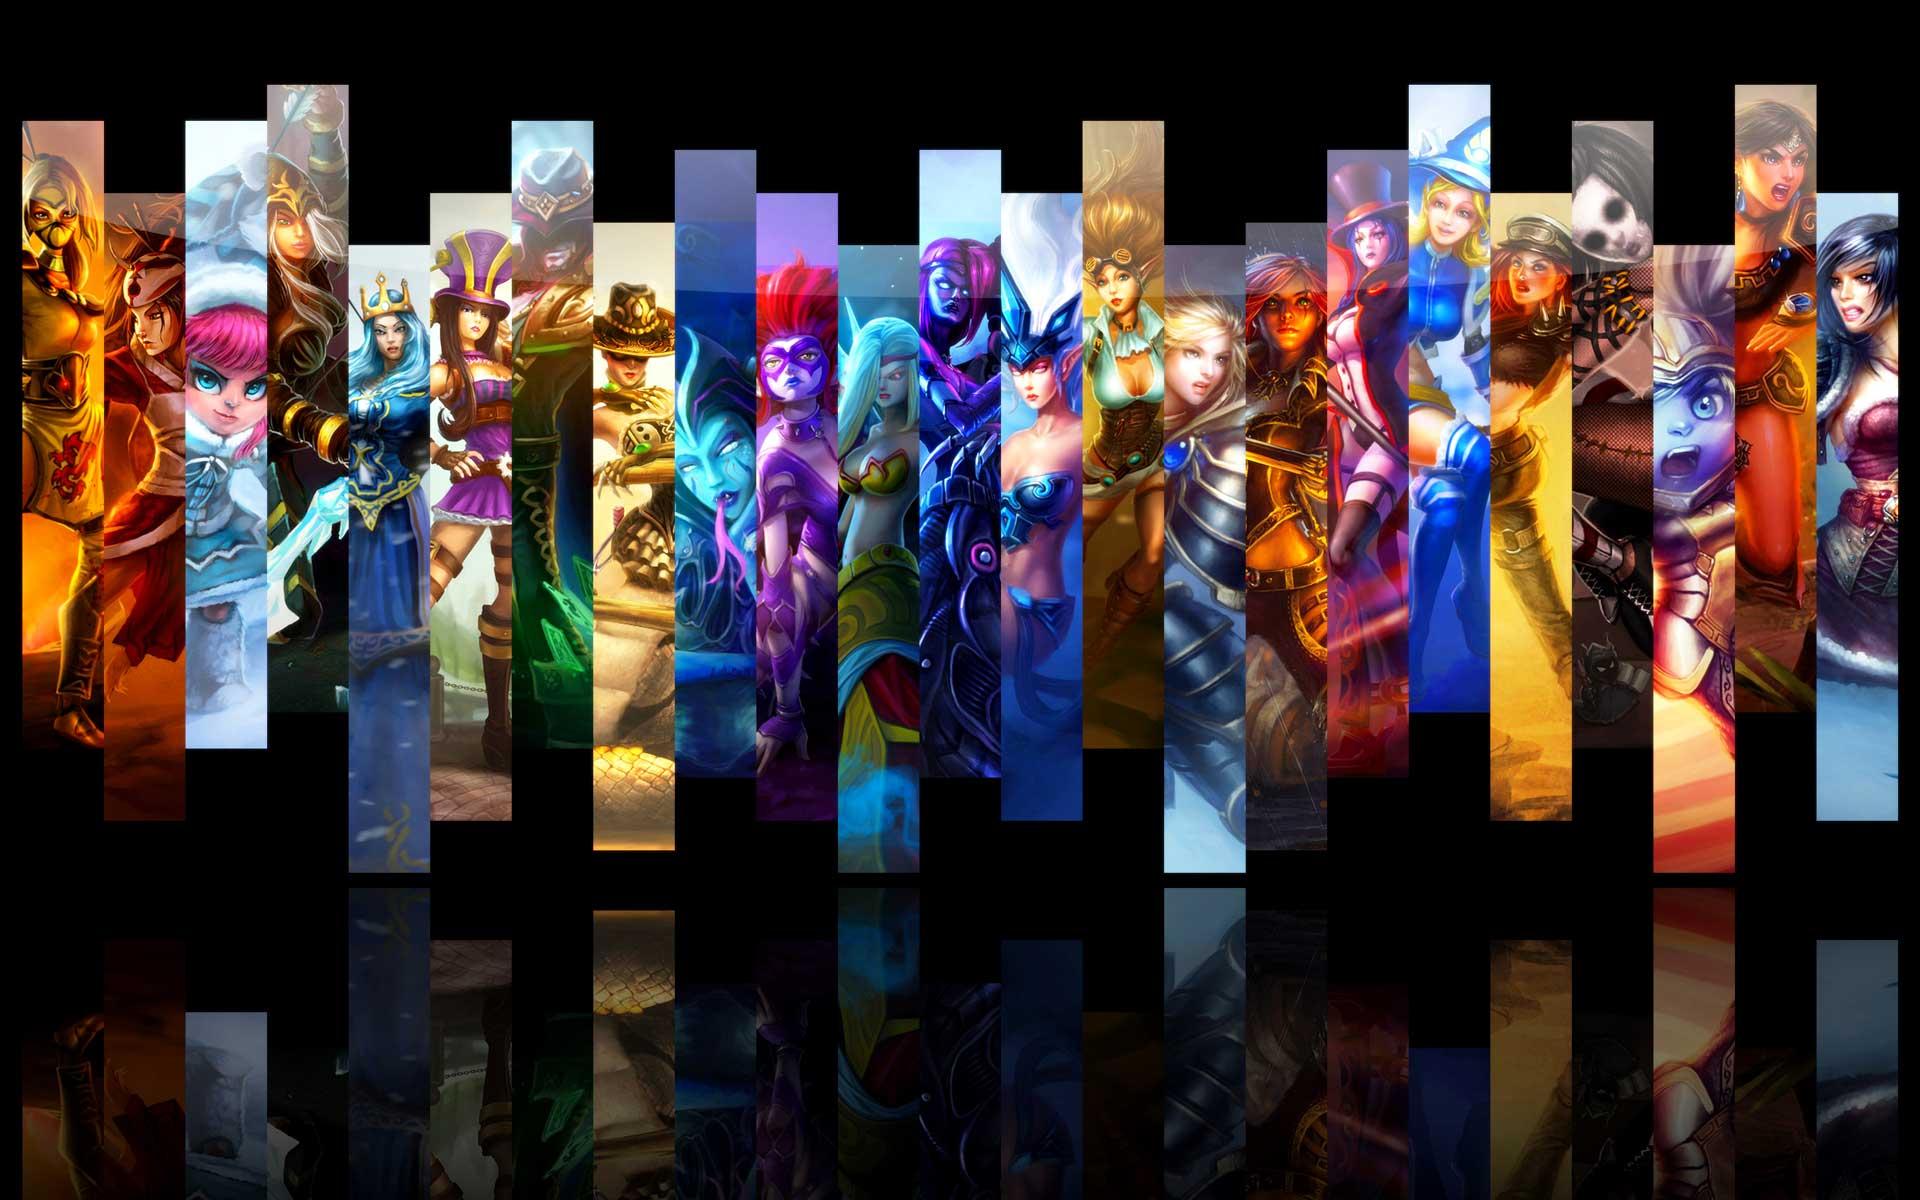 league of legends backgrounds A1